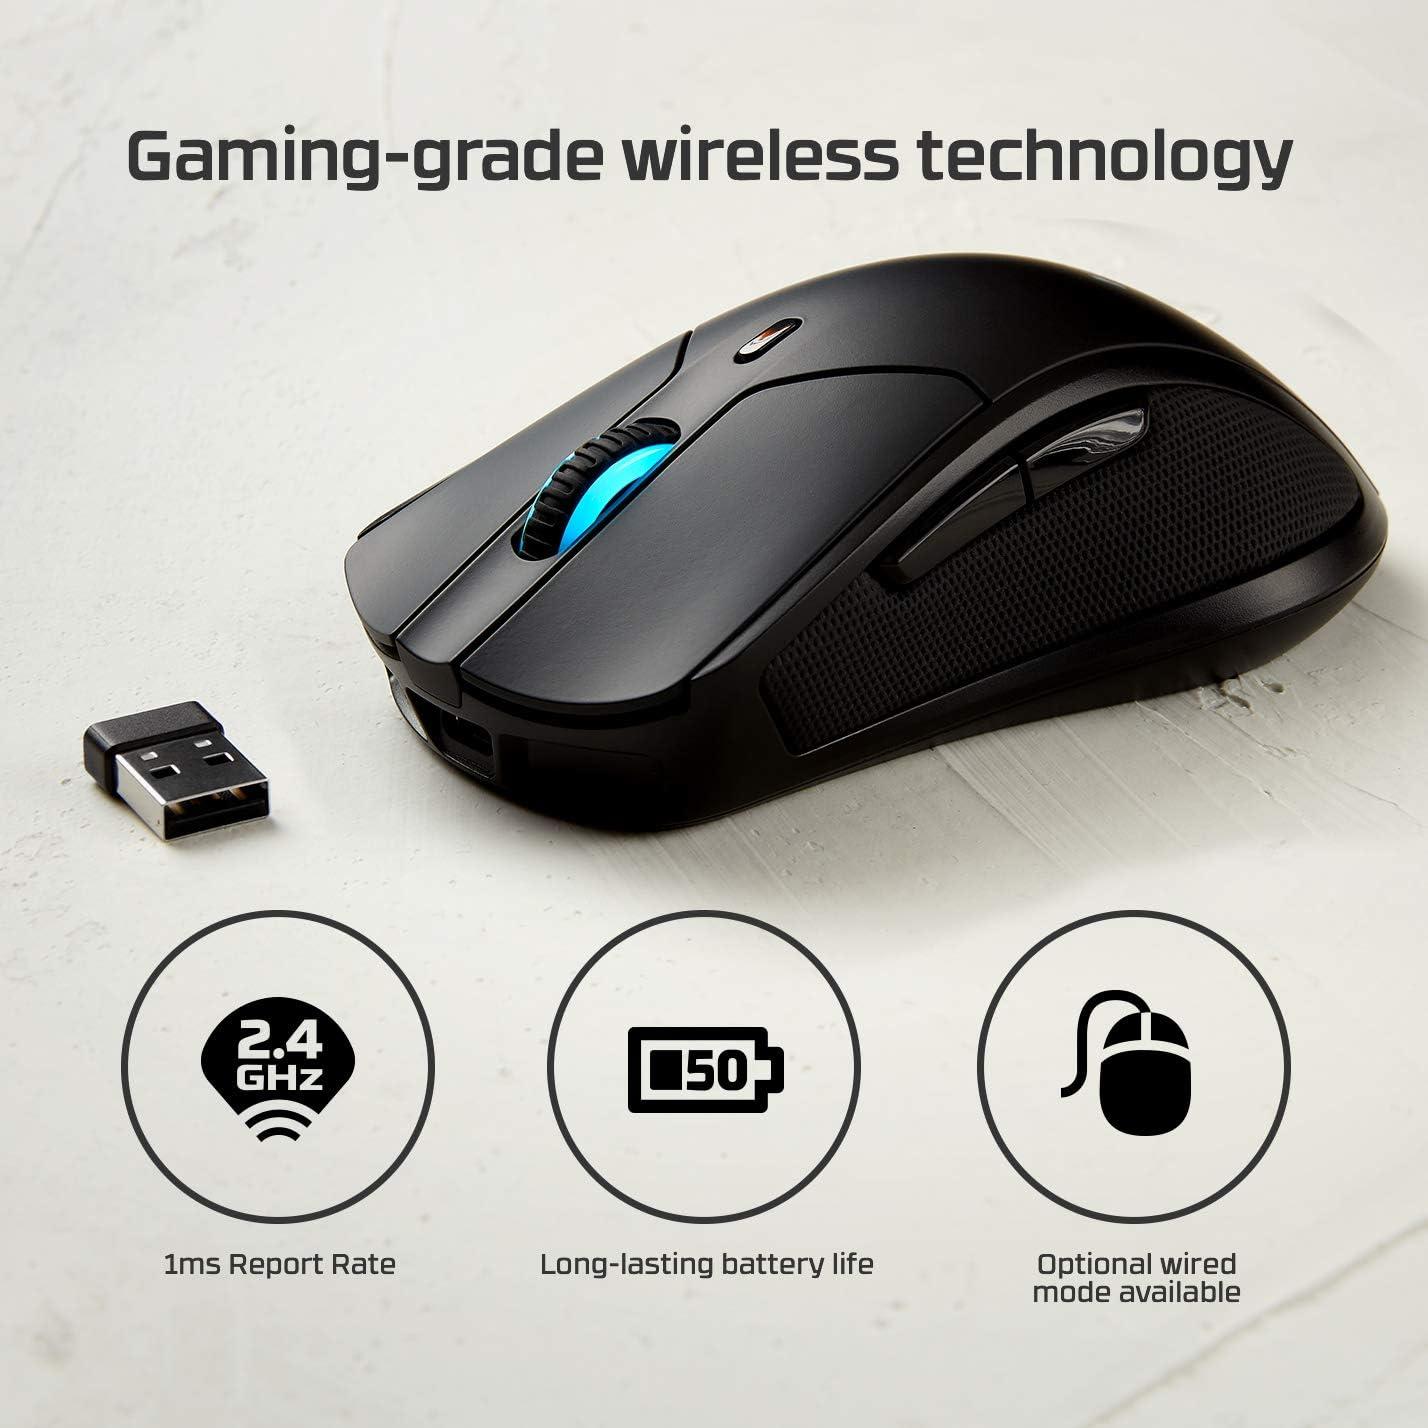 HyperX HX-MC006B Pulsefire Dart Mouse Gaming RGB Wireless, Software per la Personalizzazione, 6 Tasti Programmabili, Batteria Ricaricabile Qi fino a 50 ore, Compatibile con PC, PS4, Xbox One